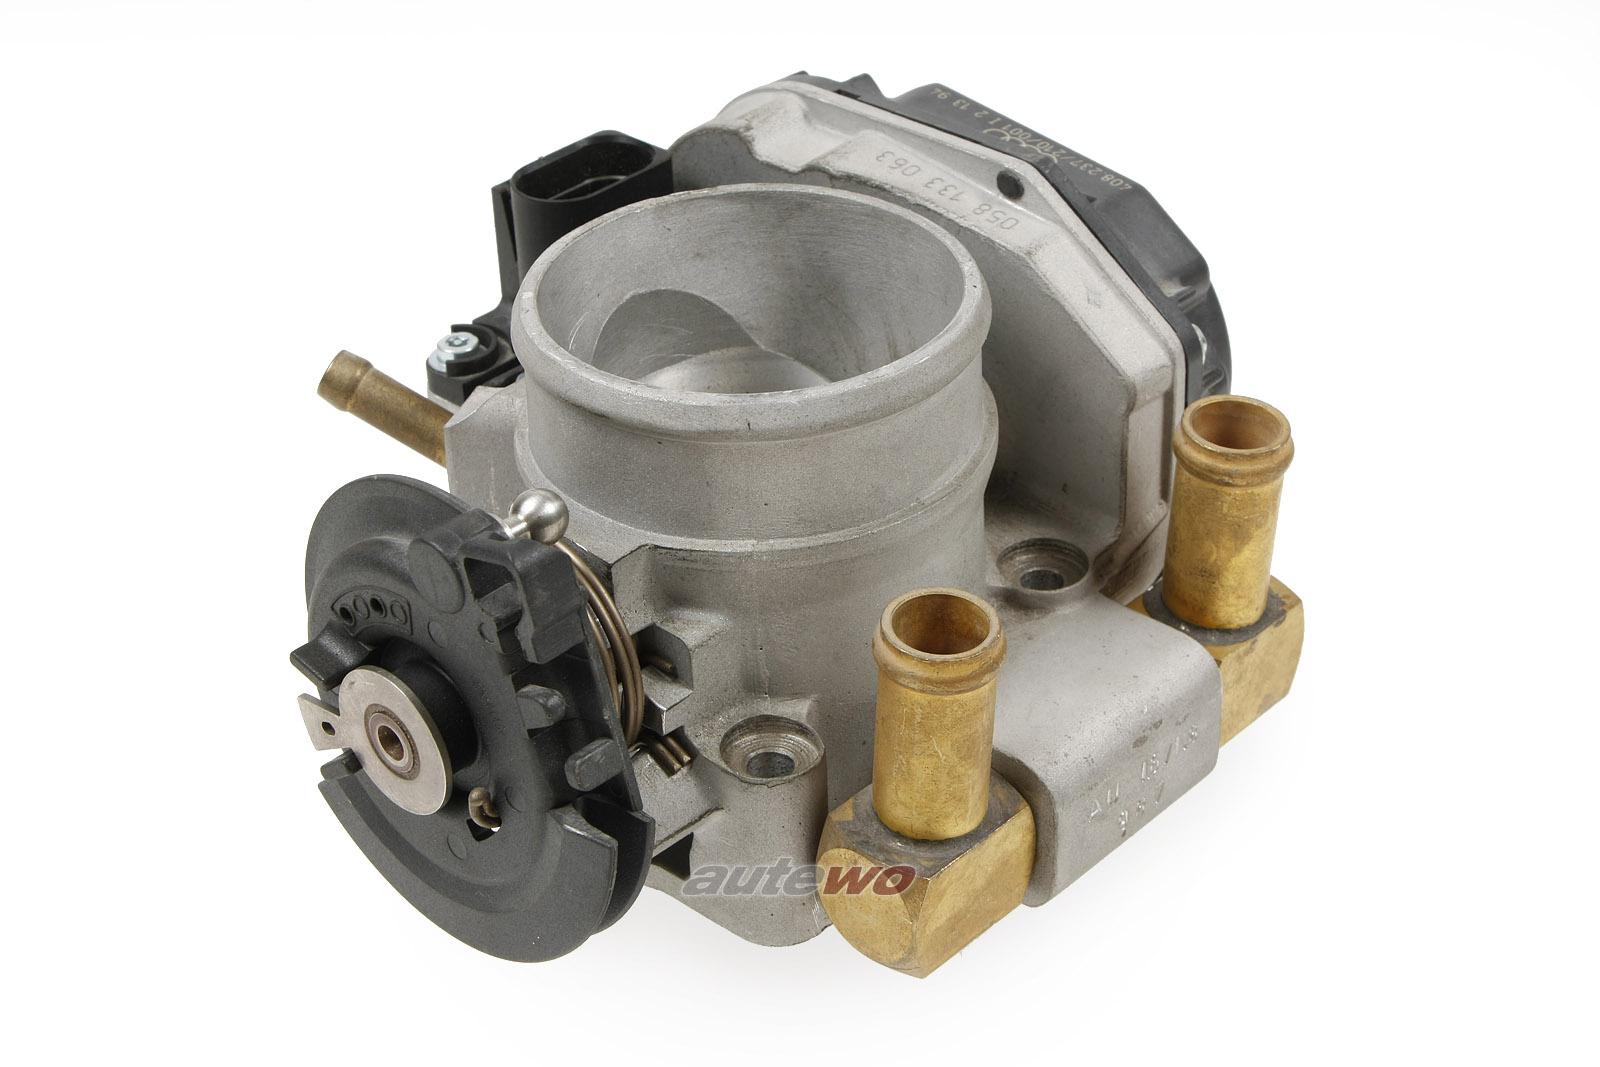 058133063 NEU Audi A4 B5 1.6/1.8l 4 Zylinder Drosselklappe Schaltgetriebe